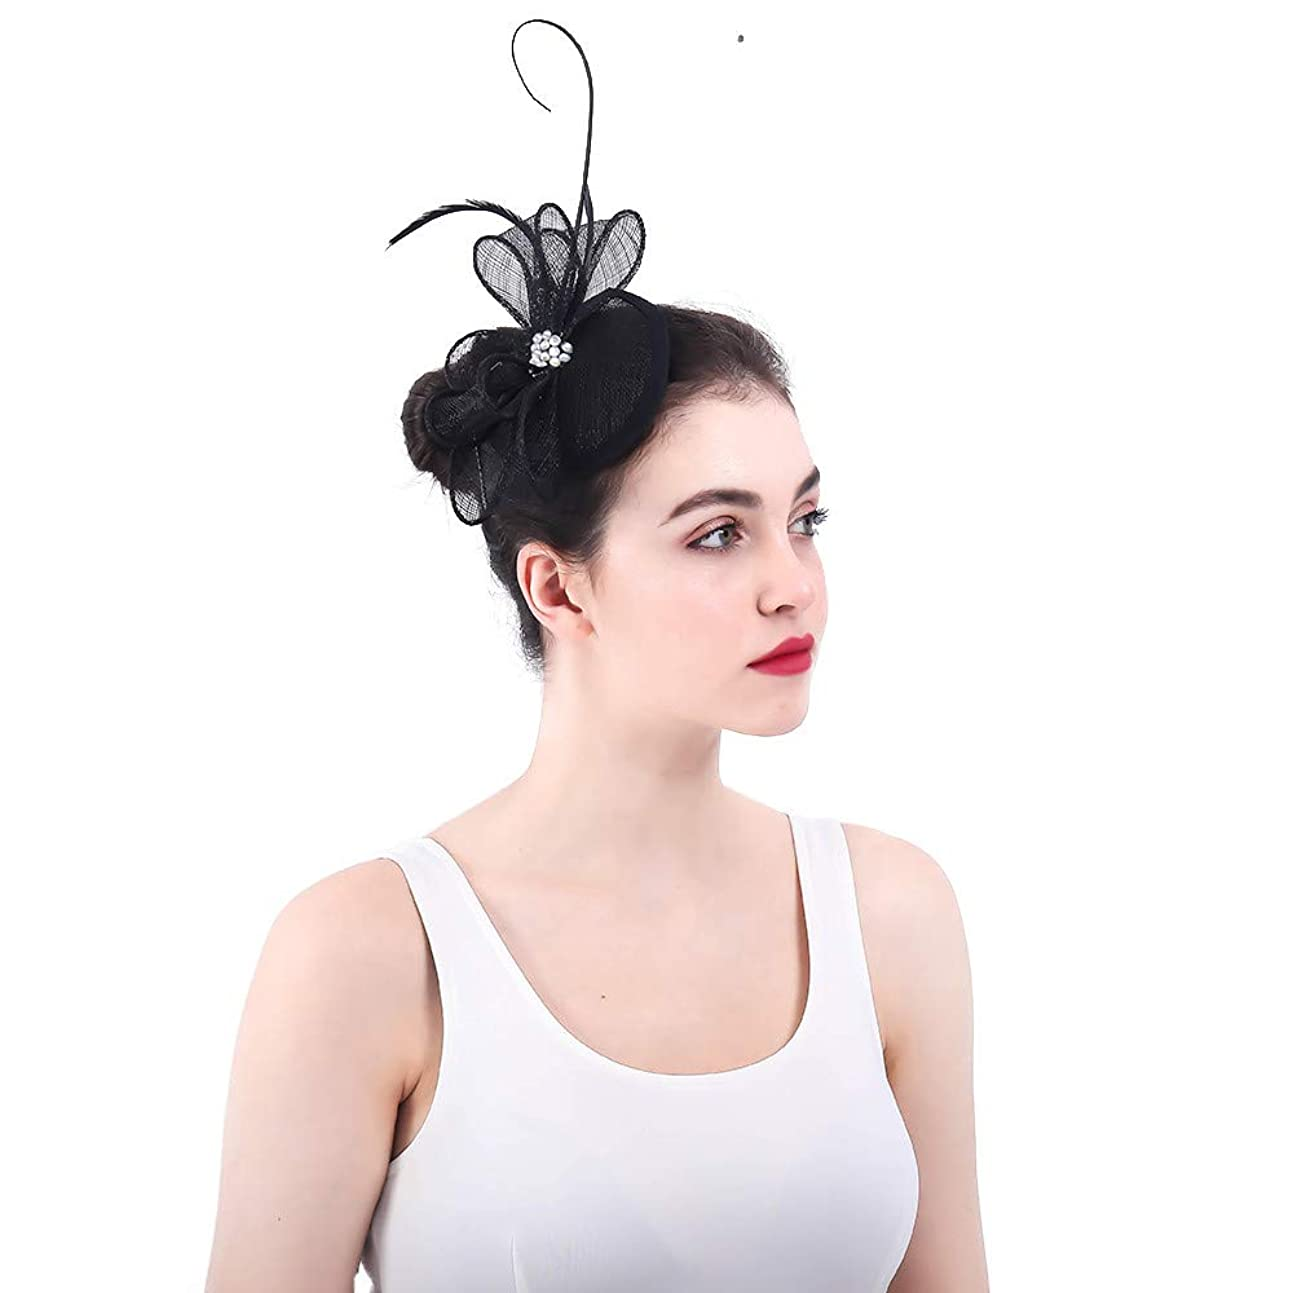 石膏より良いアプローチ女性の魅力的な帽子 女性のエレガントな花の羽の魅惑的な帽子の結婚式の帽子ヘアクリップアクセサリー女性の日レースロイヤルアスコット (色 : ピンク)